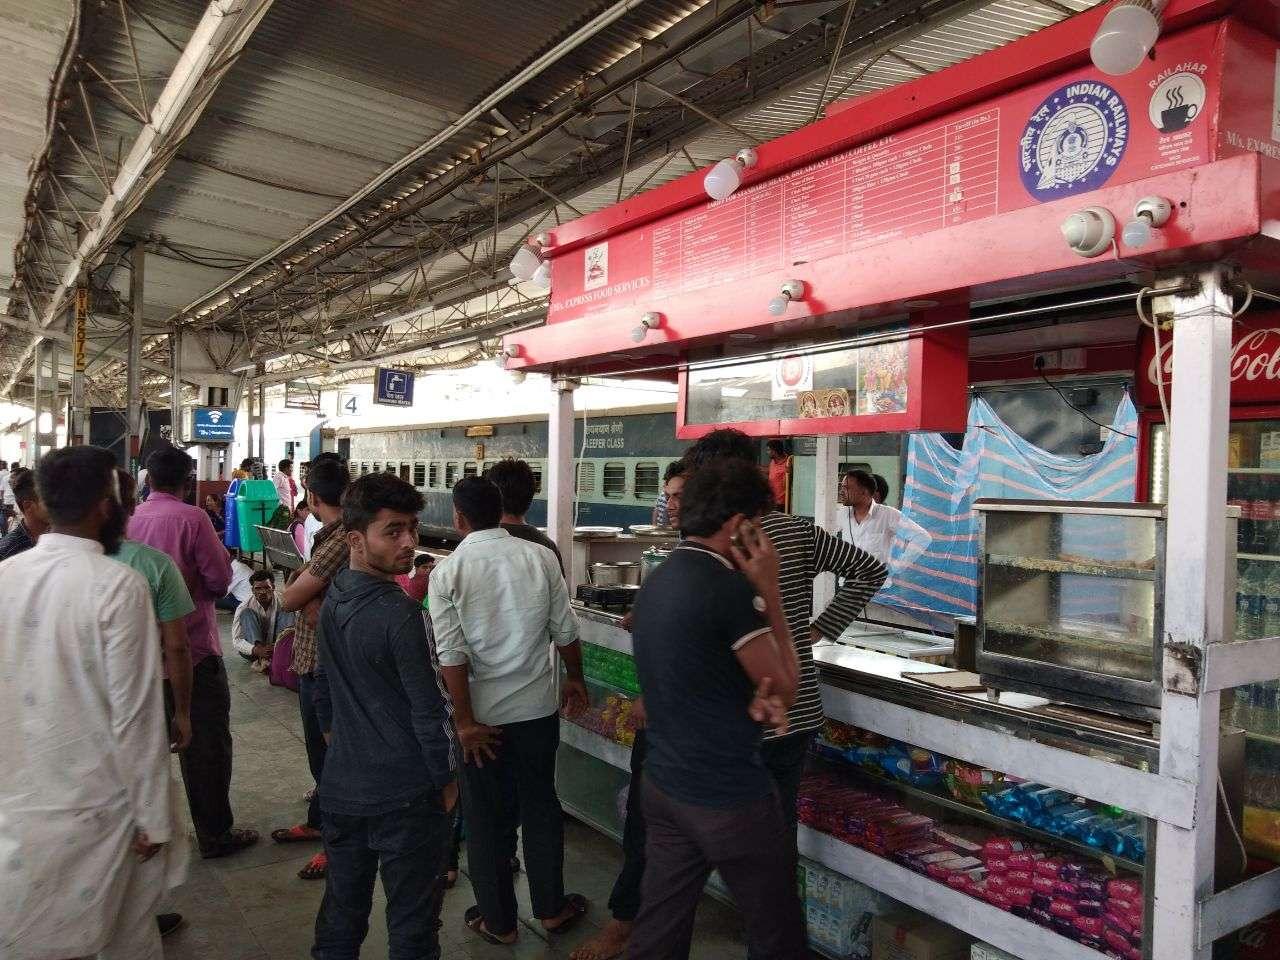 Alert Now : बीना स्टेशन पर कुछ खाने का बना रहे है प्लान तो पहले ये पढ़ लेंं, नहीं तो रह जाएंगे भूखें...